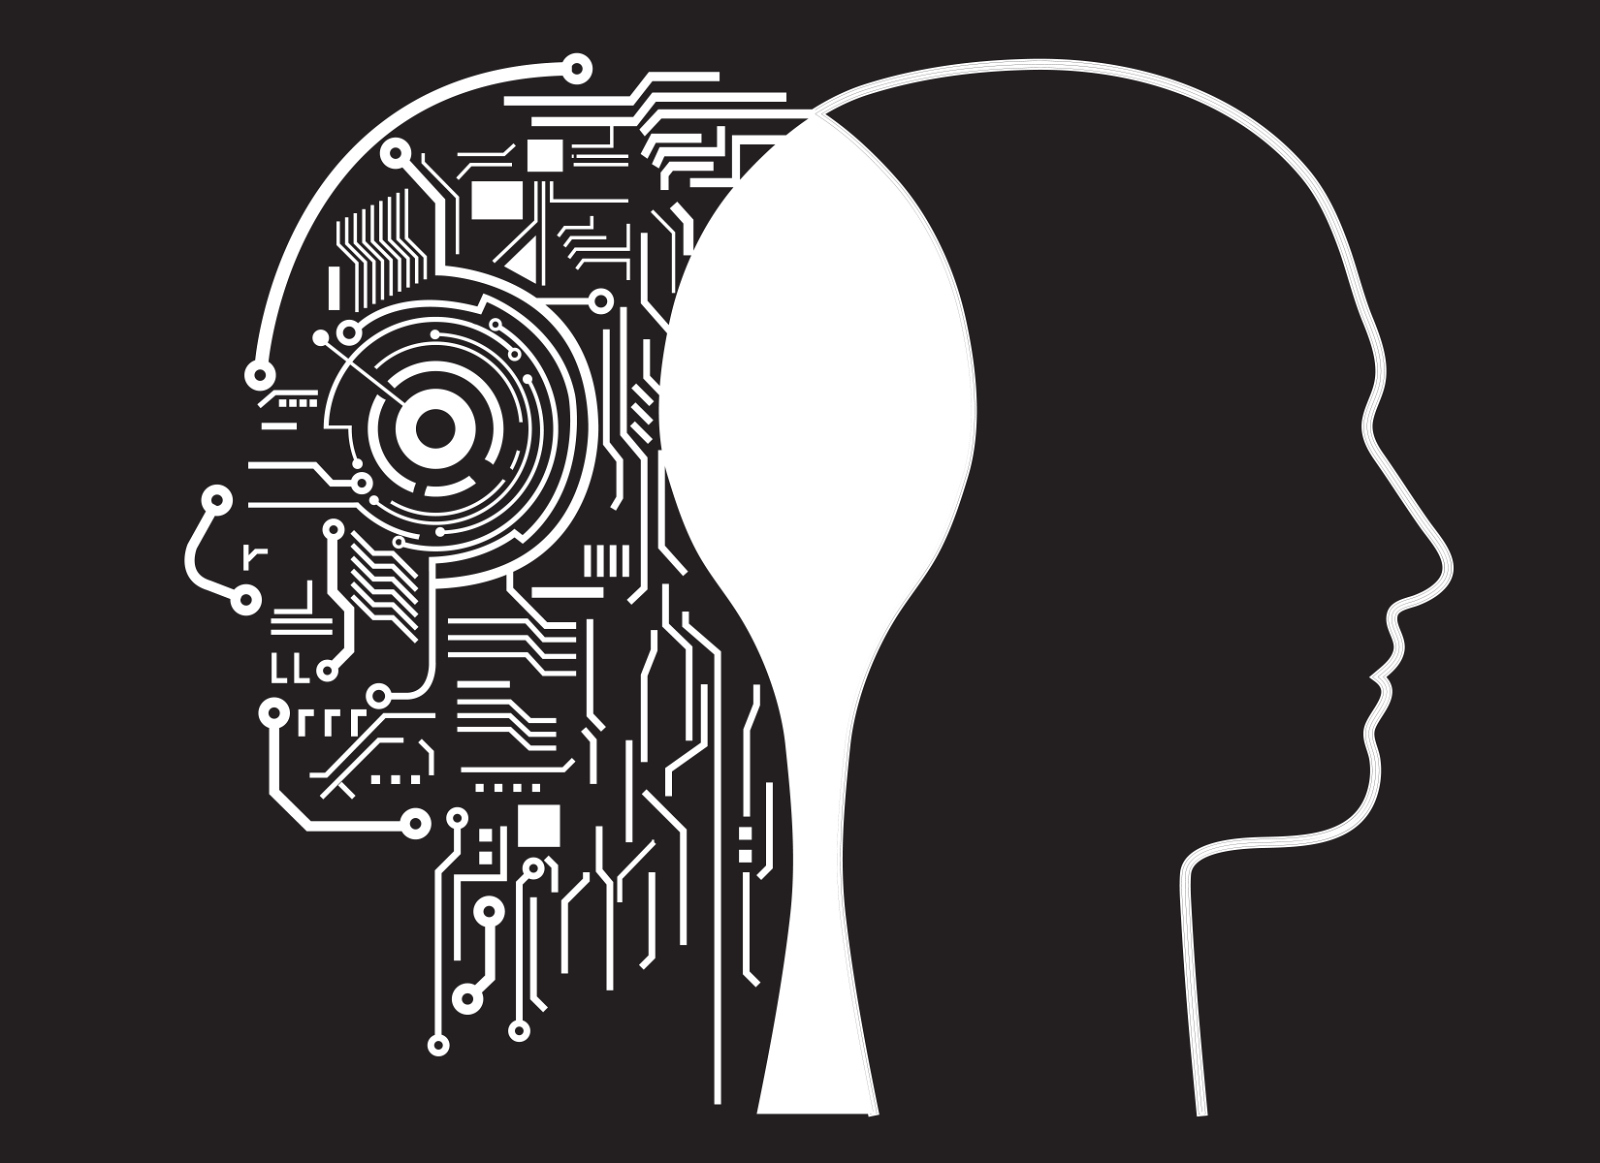 otomasyon-nedir-hdcotomasyon.com.tr-automation5